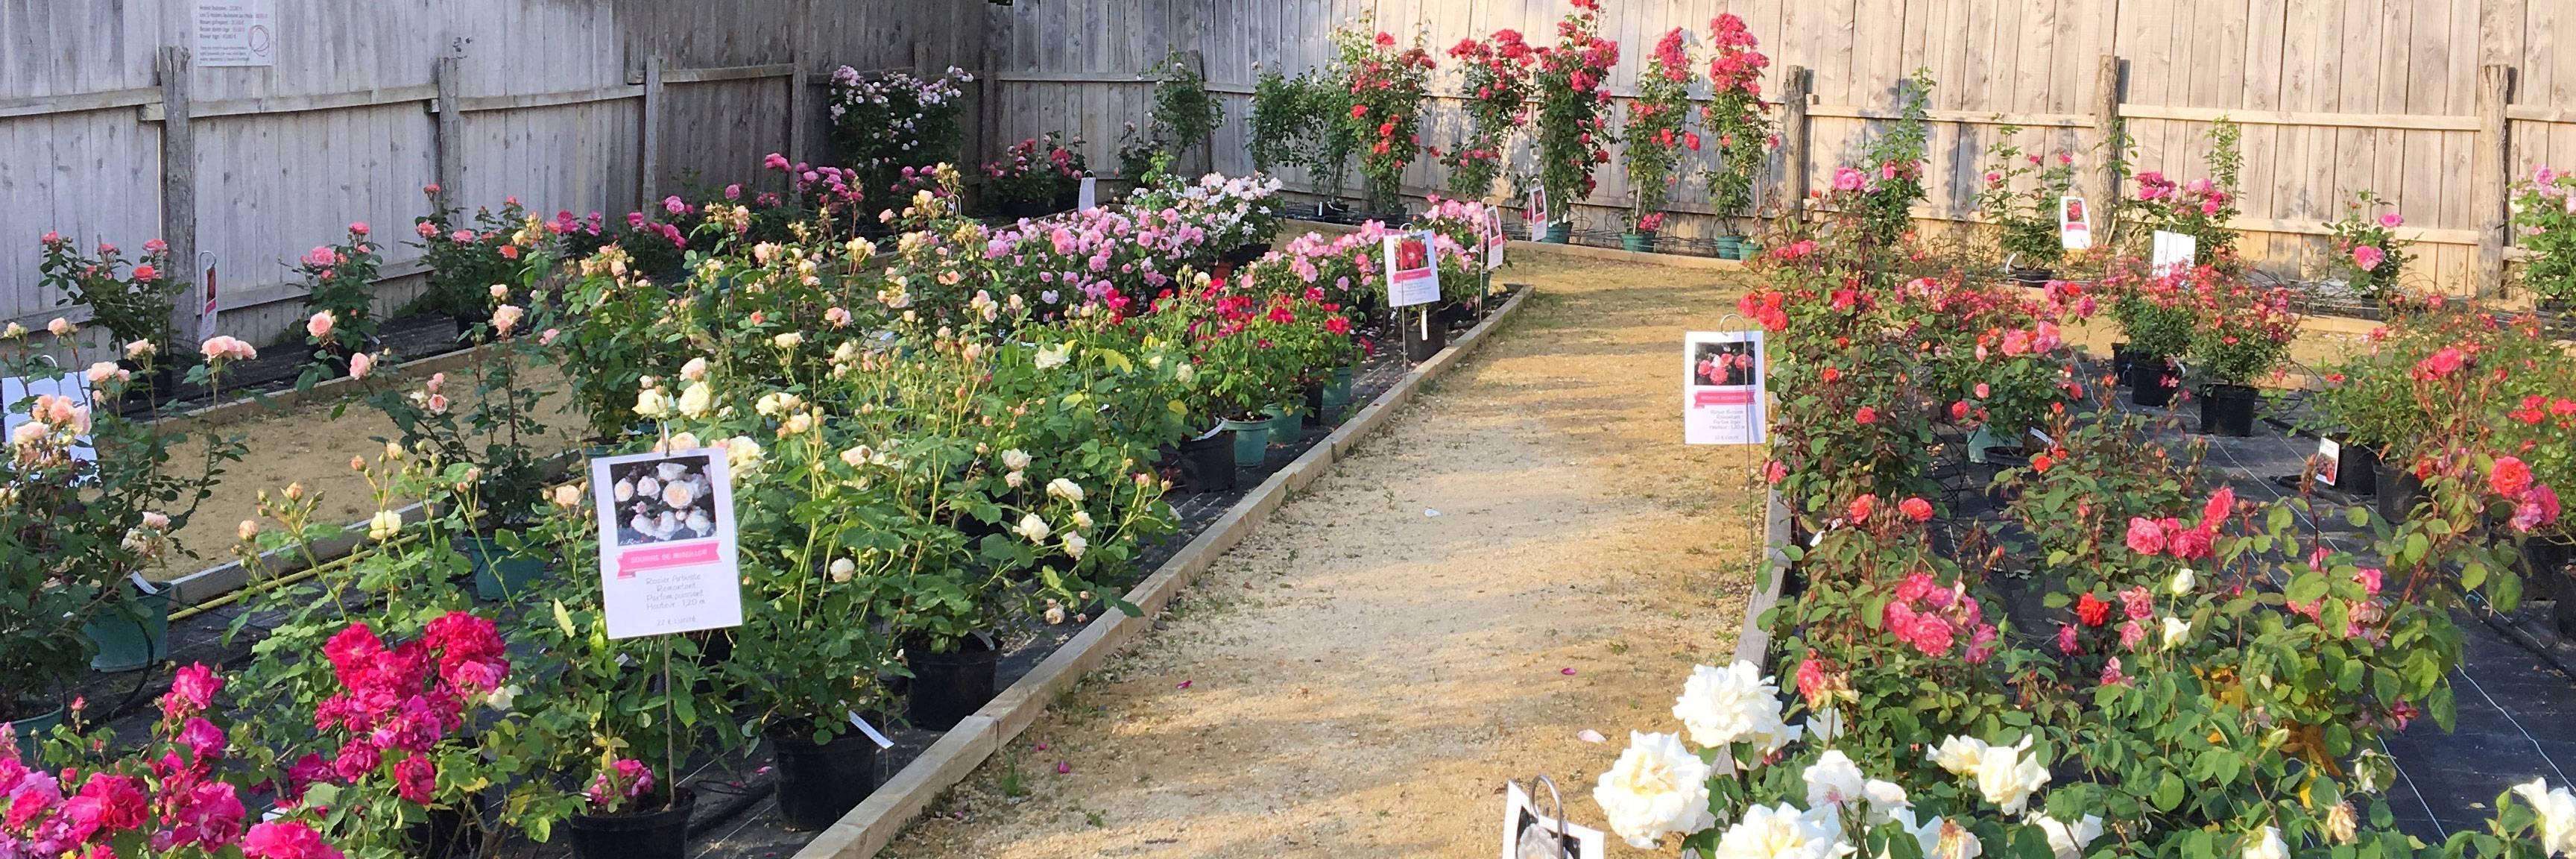 Vente de rosiers à Doué-la-Fontaine